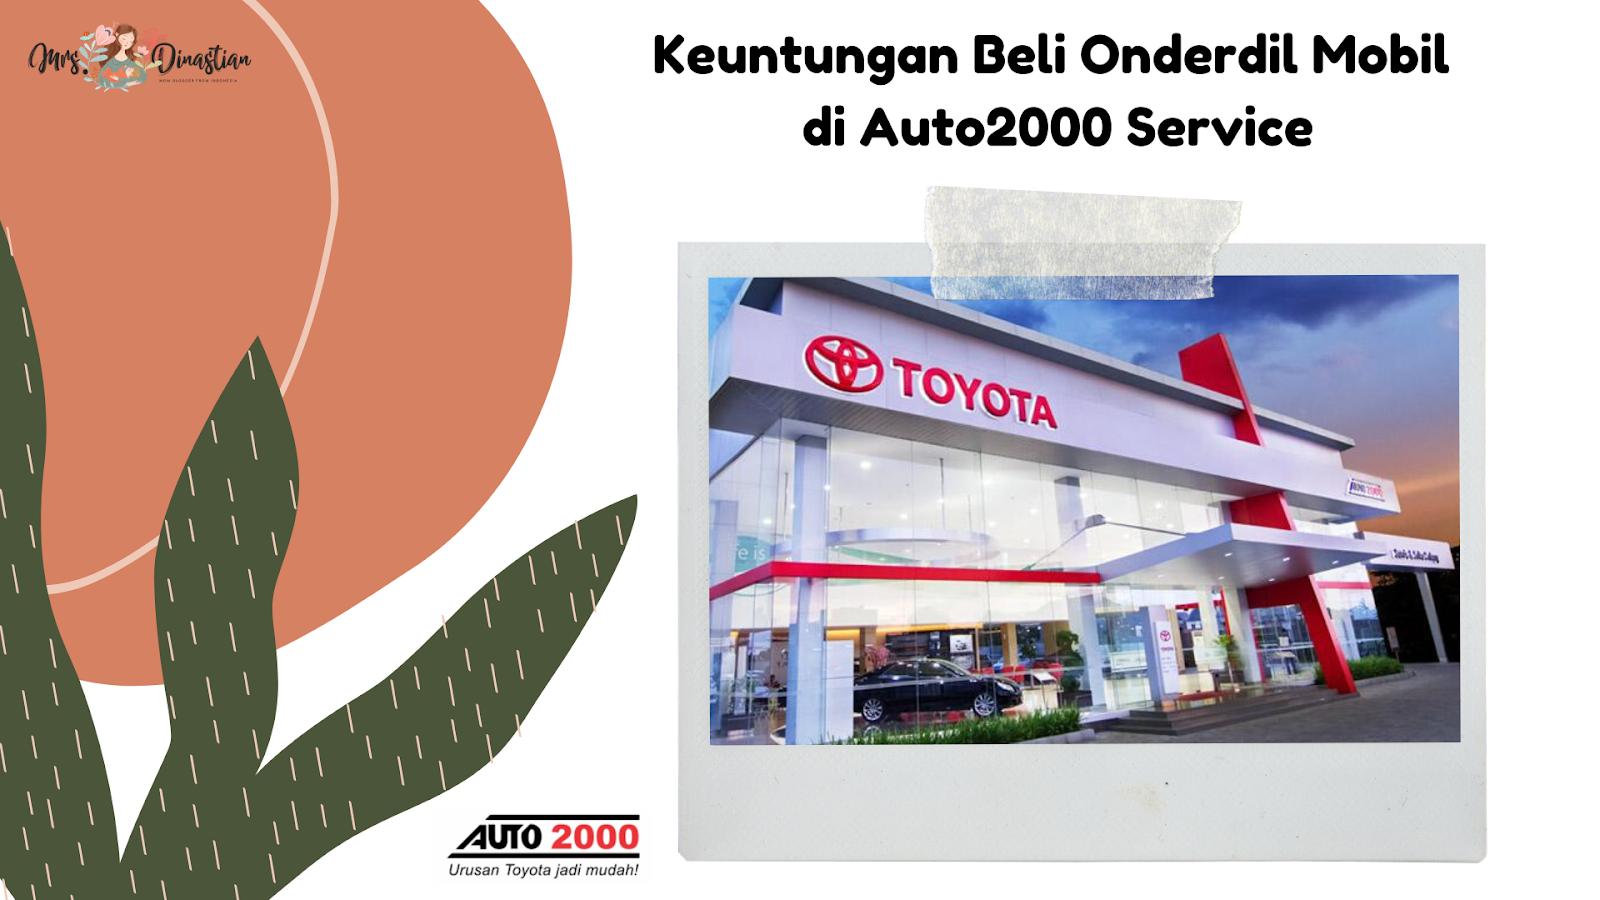 Keuntungan Membeli Onderdil Mobil di Auto2000 Service